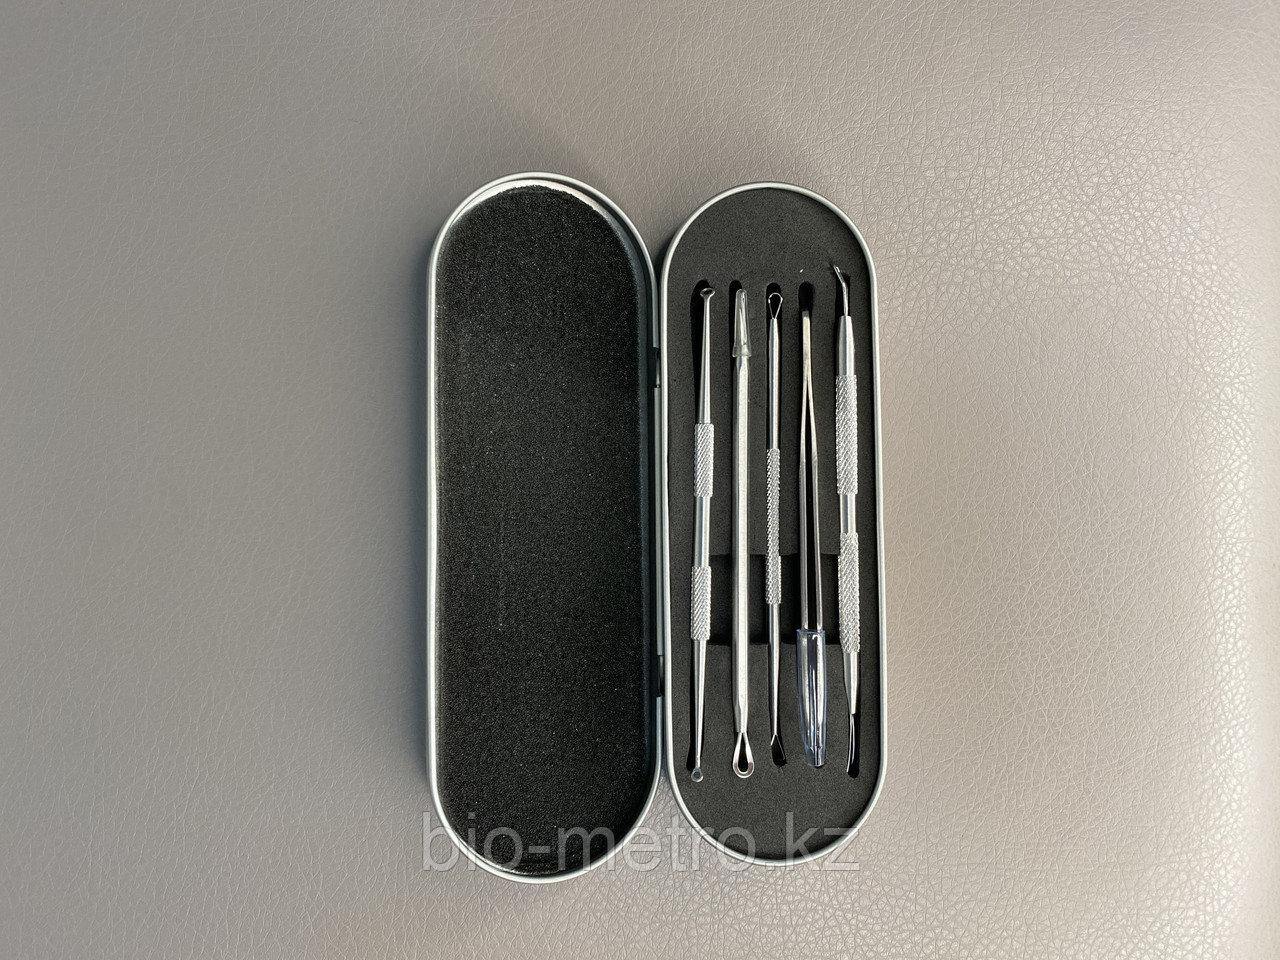 Косметологические инструменты для чистки лица (Уно ложка, игла видаля) - фото 3